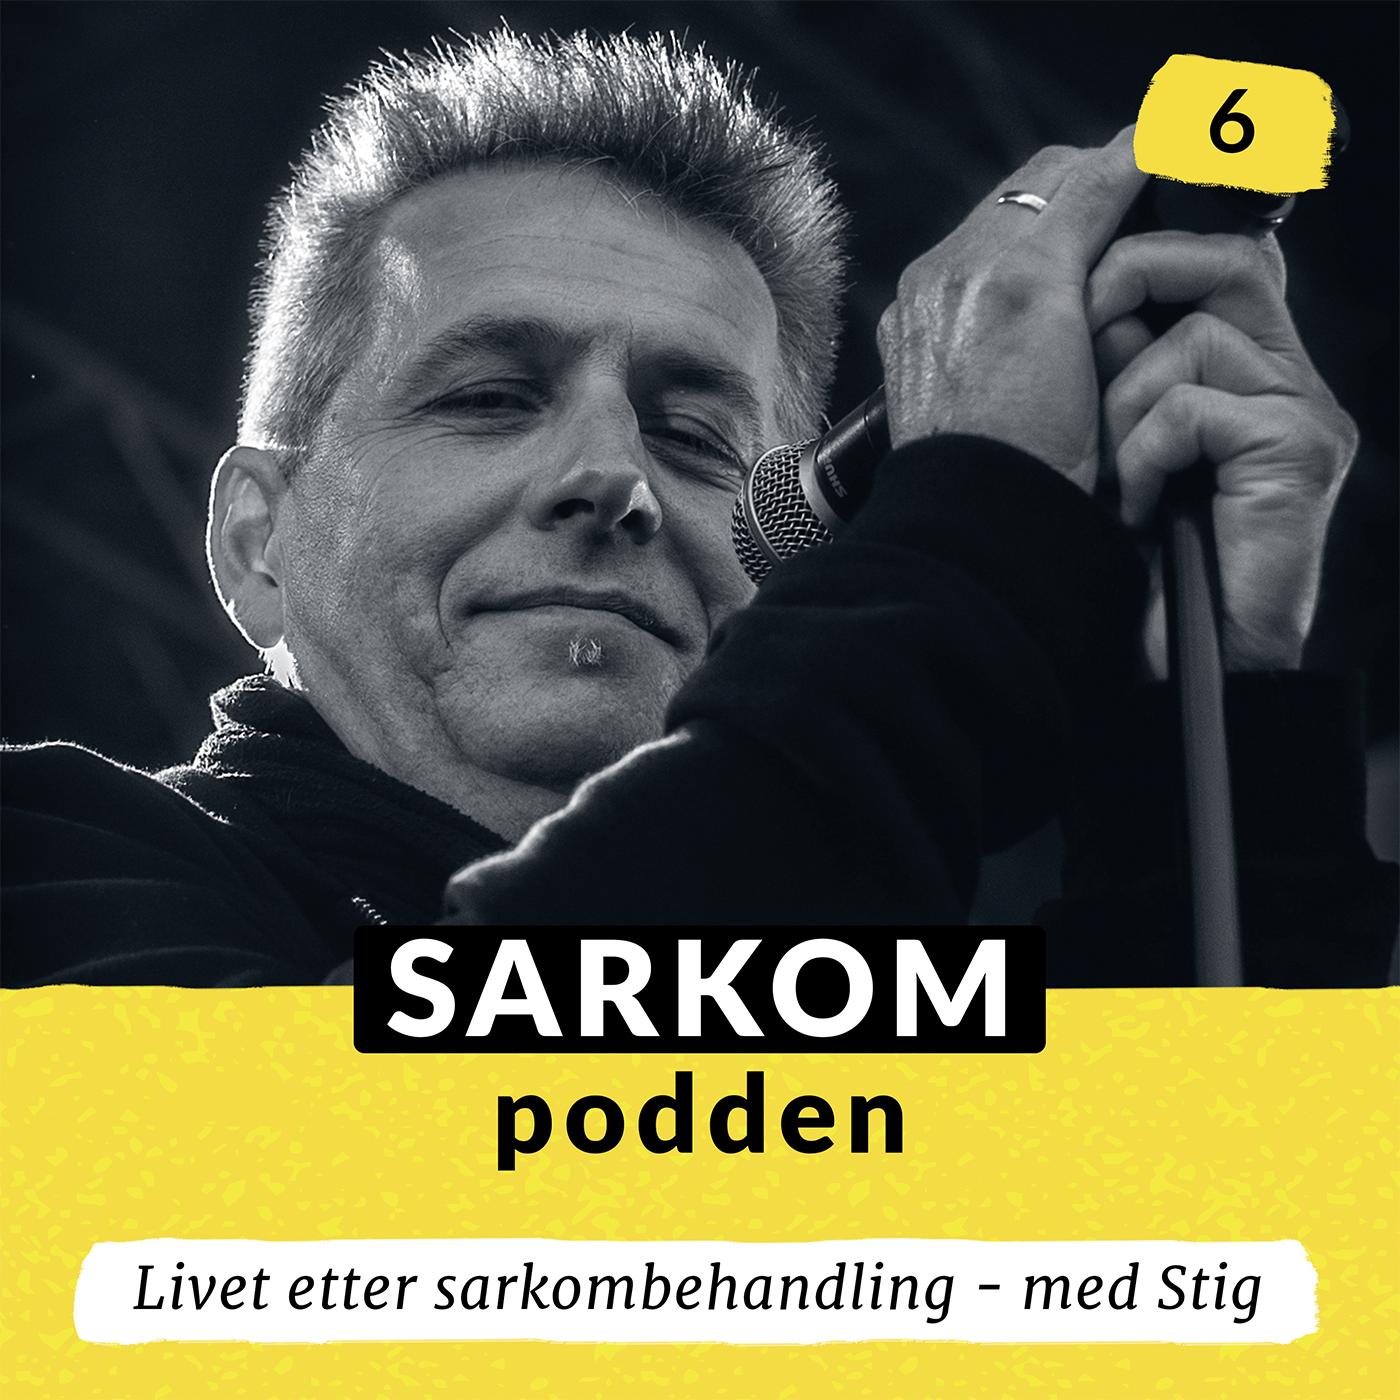 Sarkompodden-episode-6